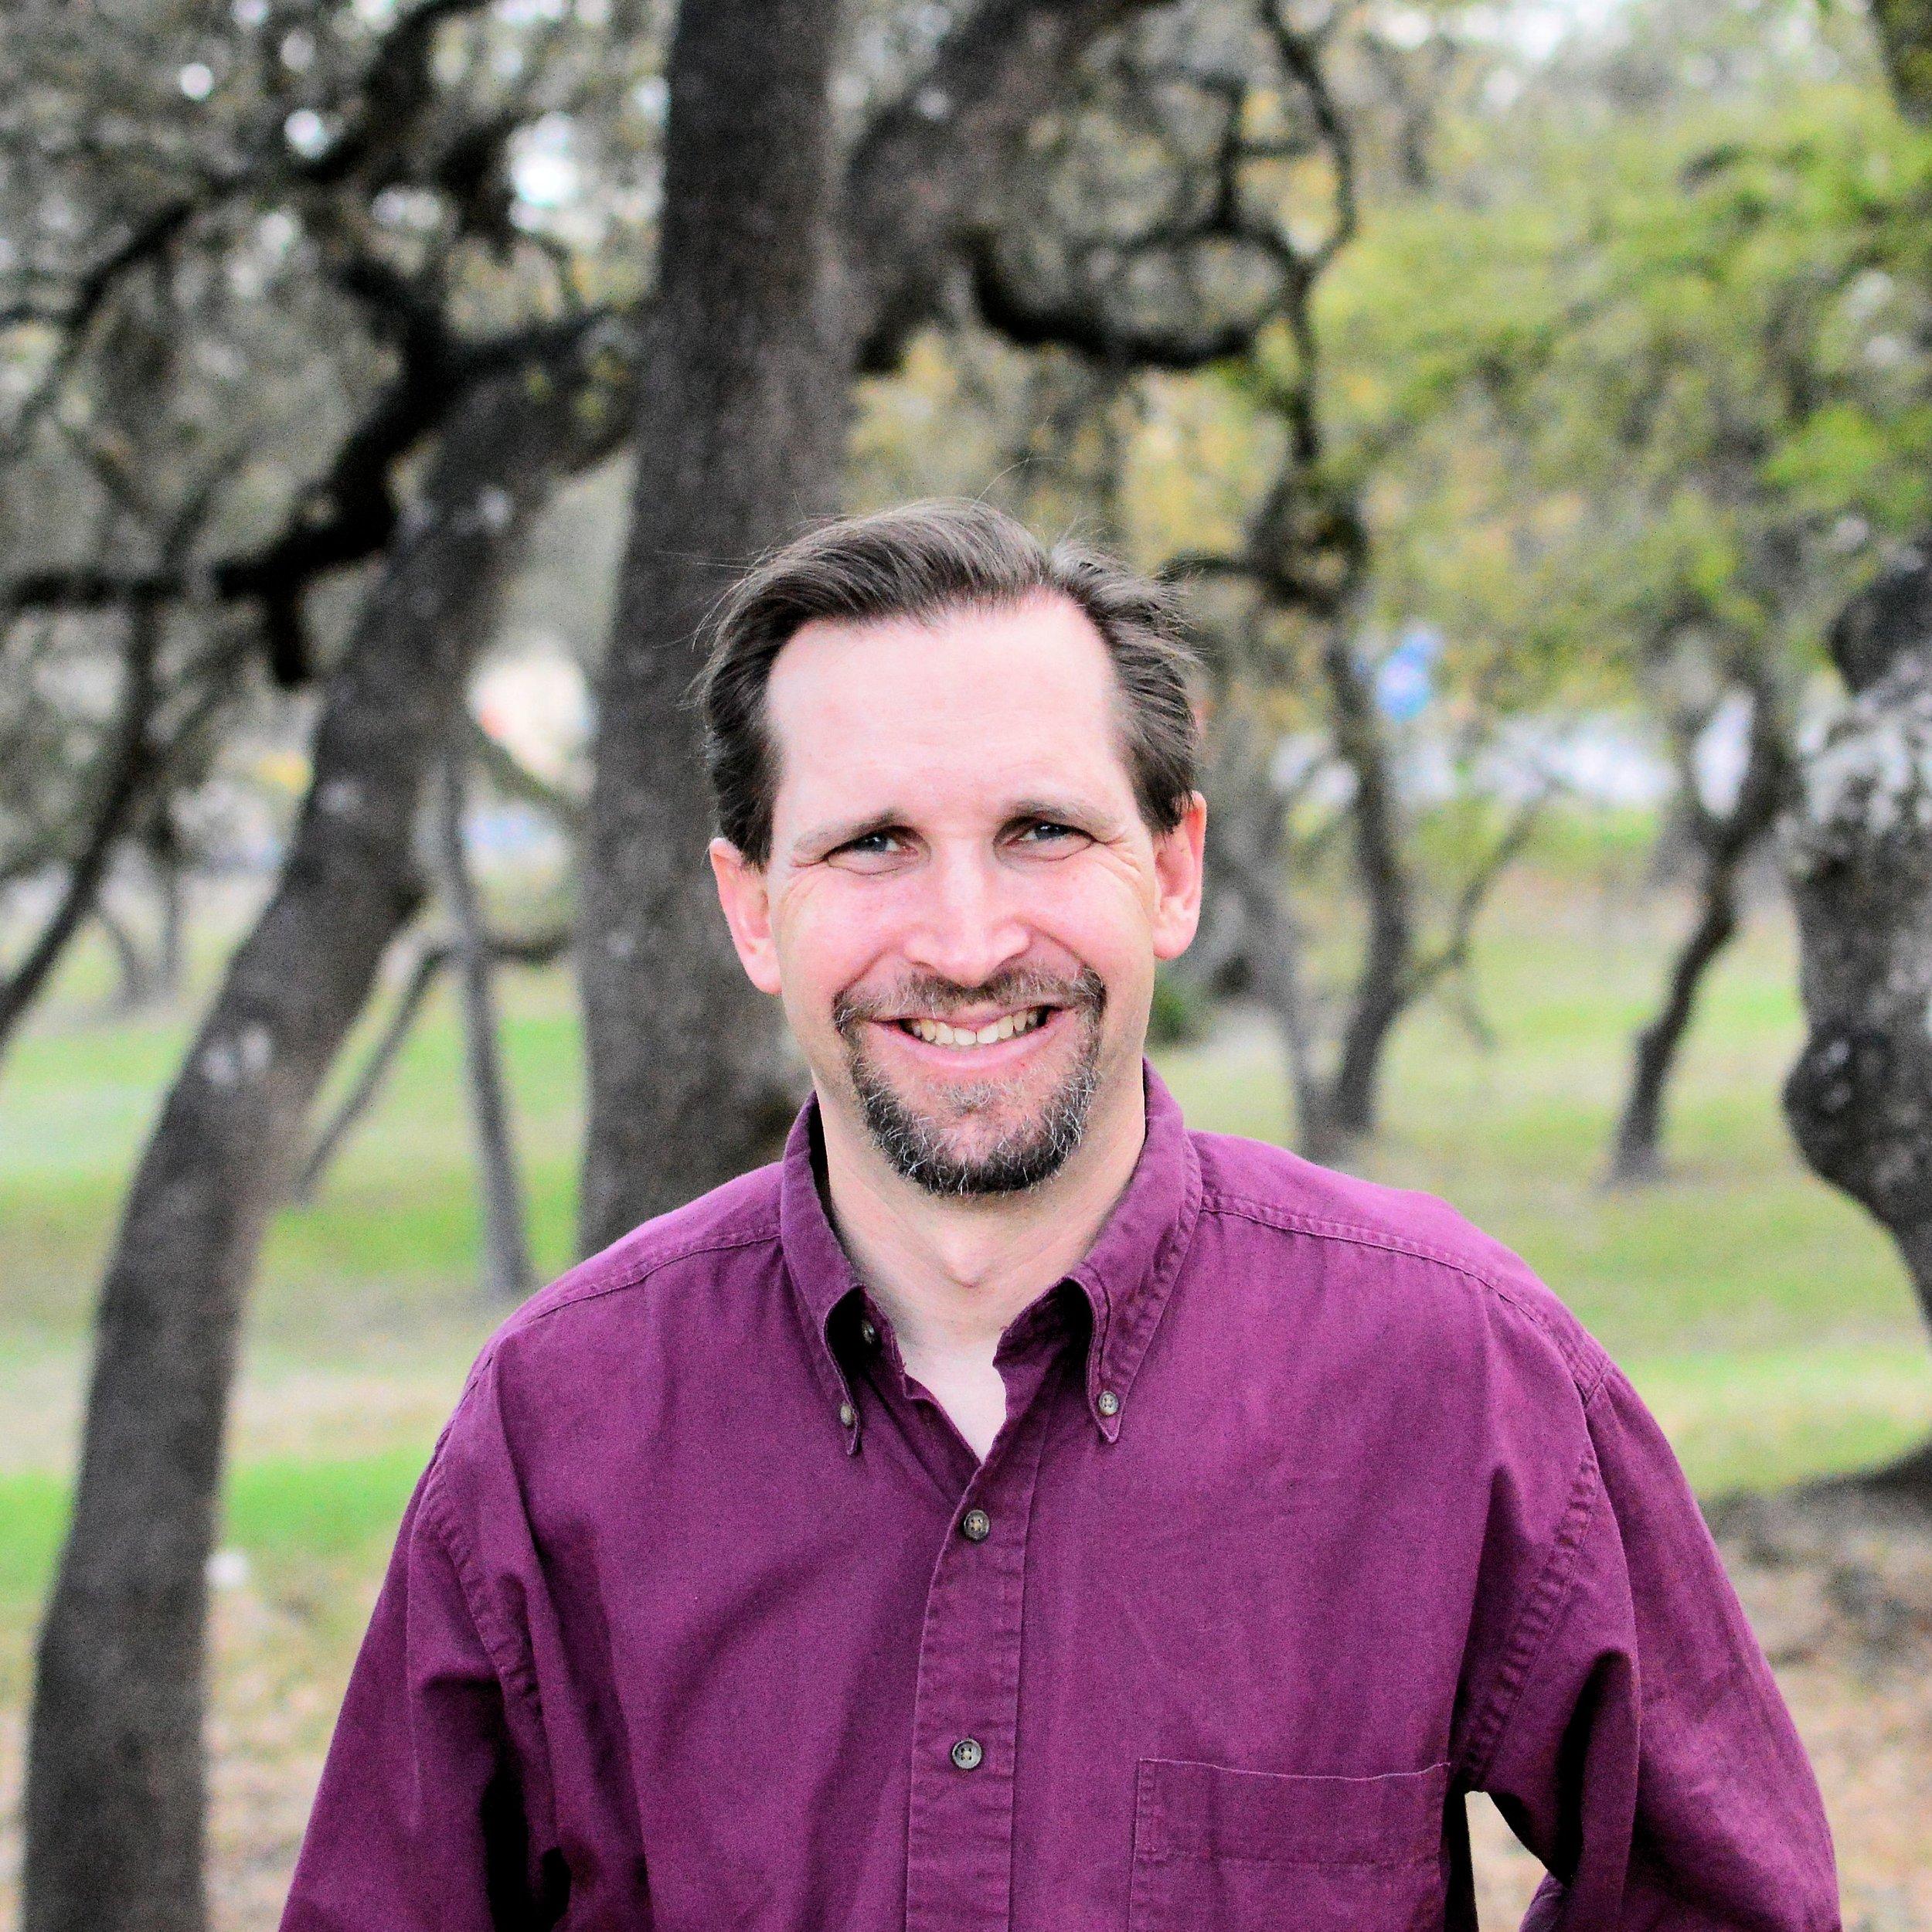 Philip Schroeder - Senior Pastorphil@gracefellowshipabc.com